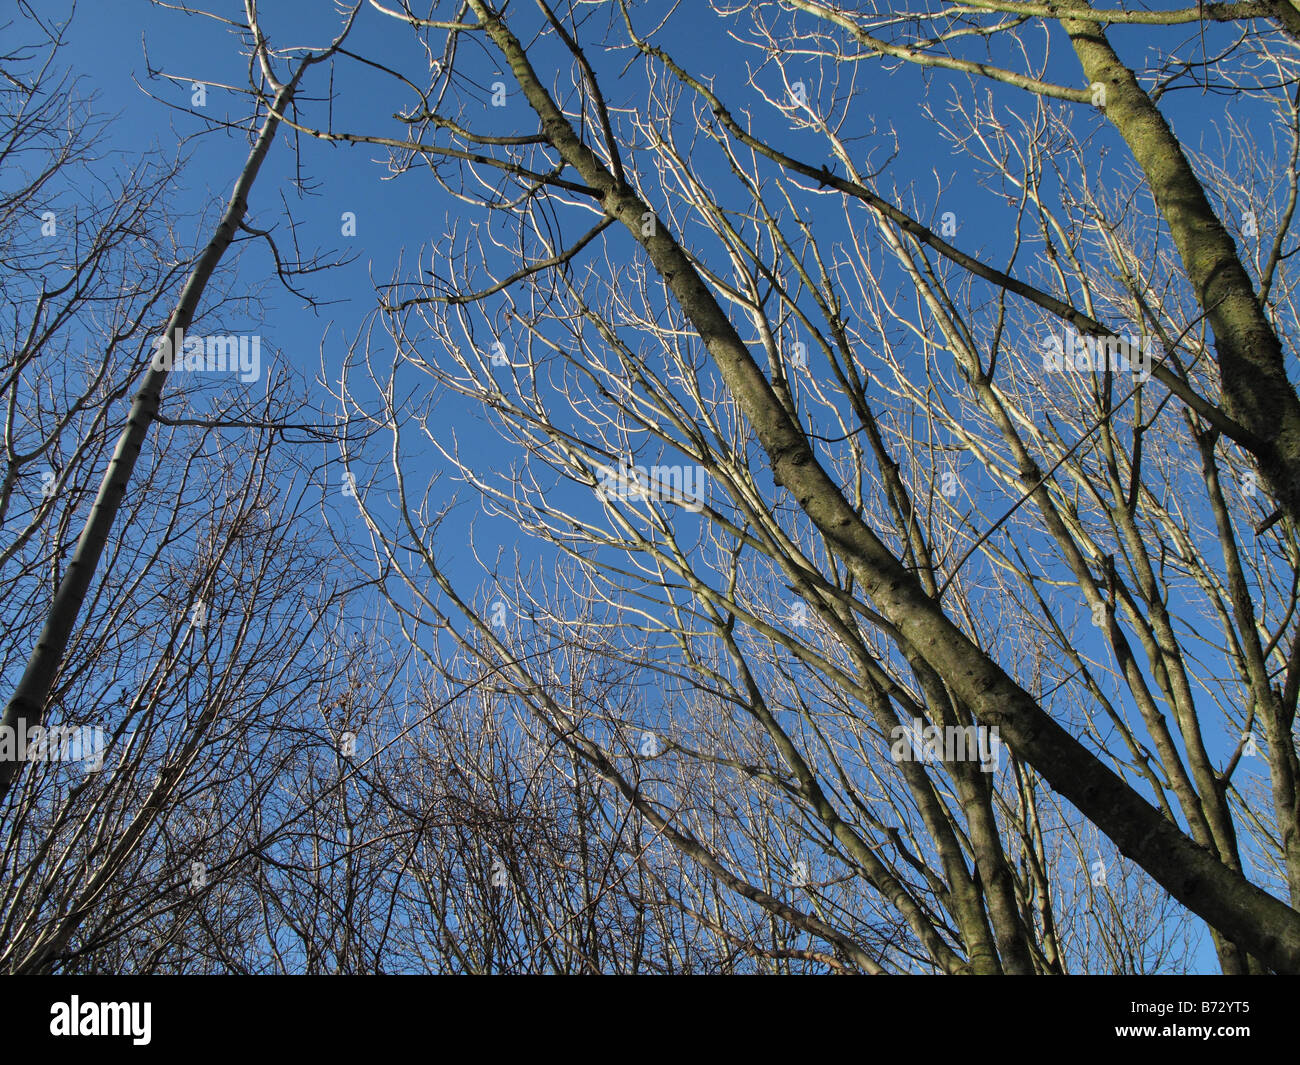 Rami spogli di cenere Fraxinus exselsior contro un blu cielo invernale Immagini Stock